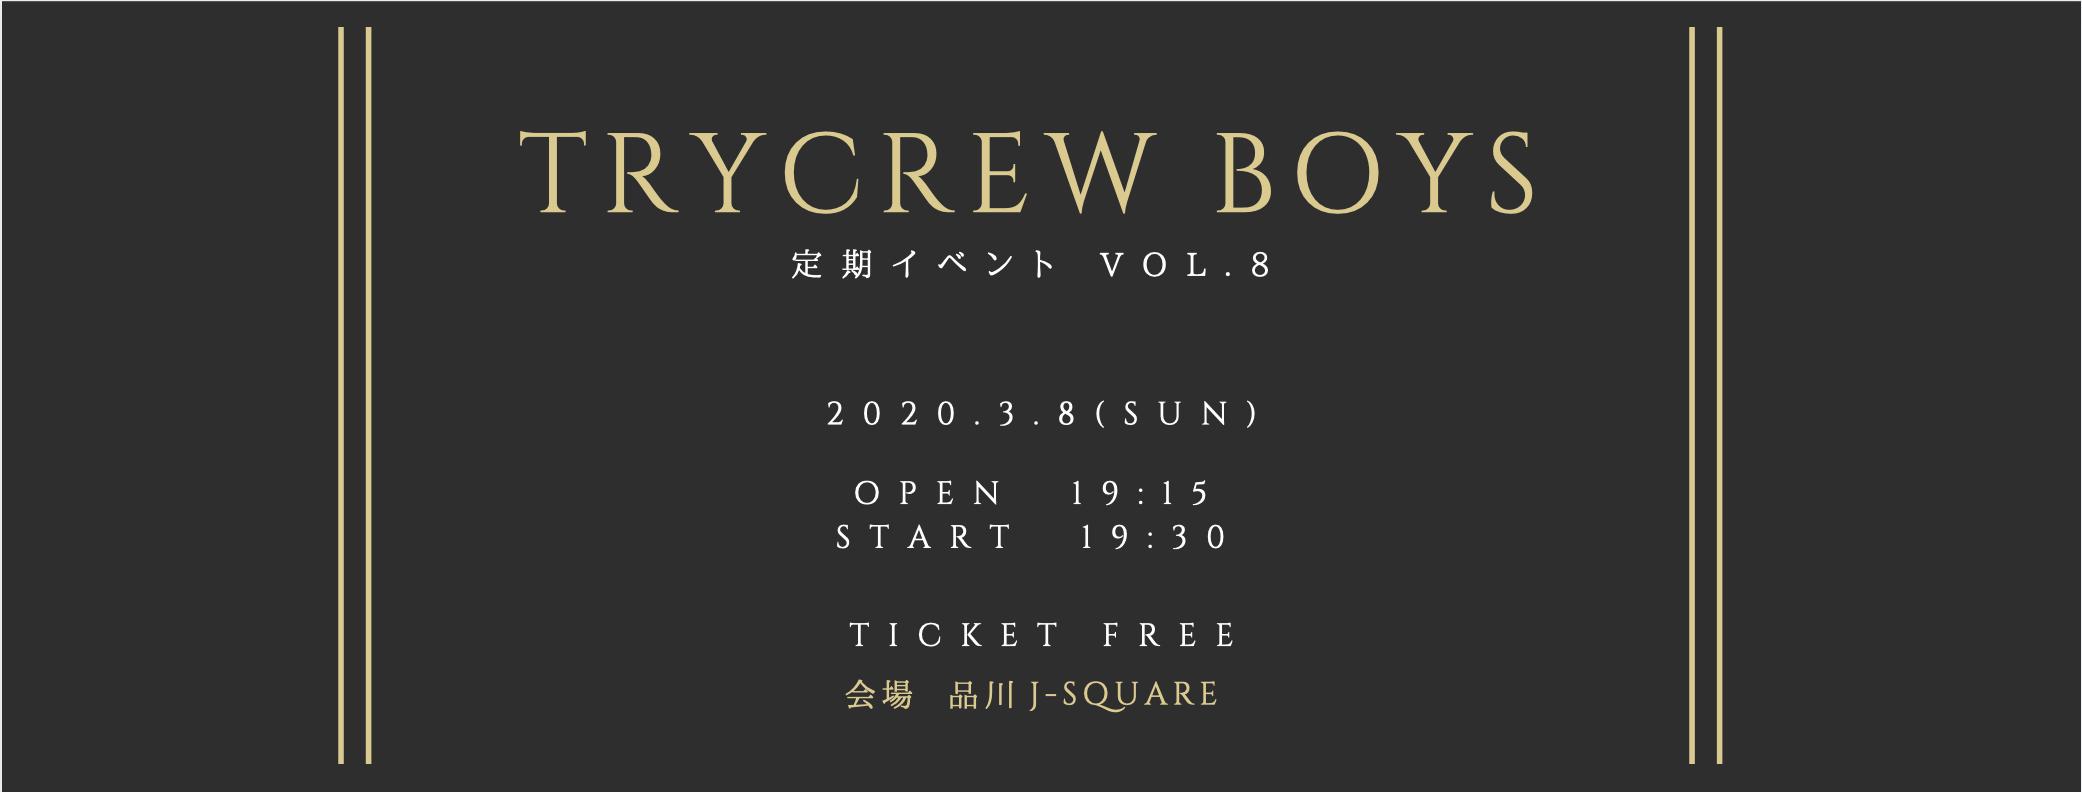 TRYCREW BOYS定期公演vol.8